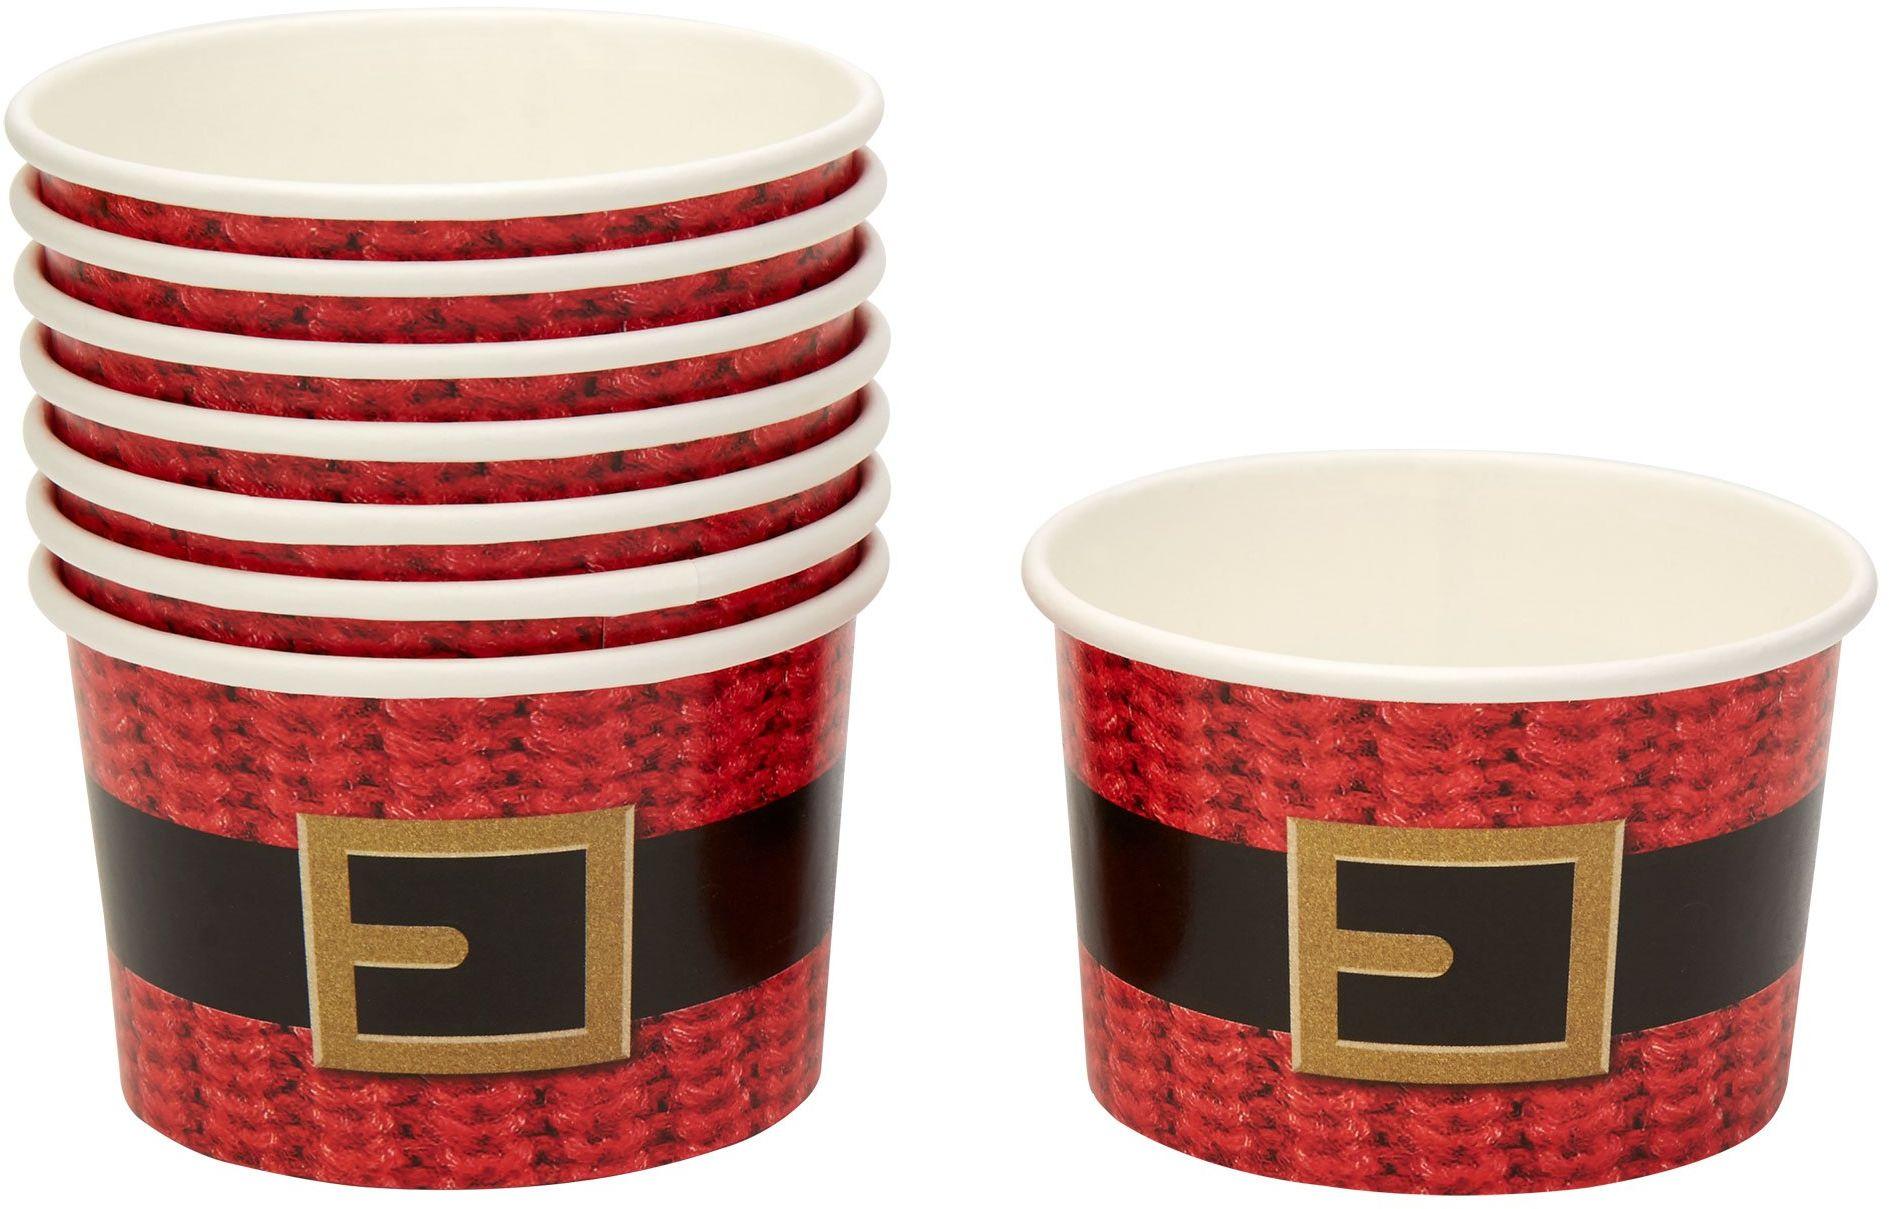 Neviti Drogi Święty Mikołaj przyjęcie papierowe pojemniki do smakołyków - opakowanie 8 szt.